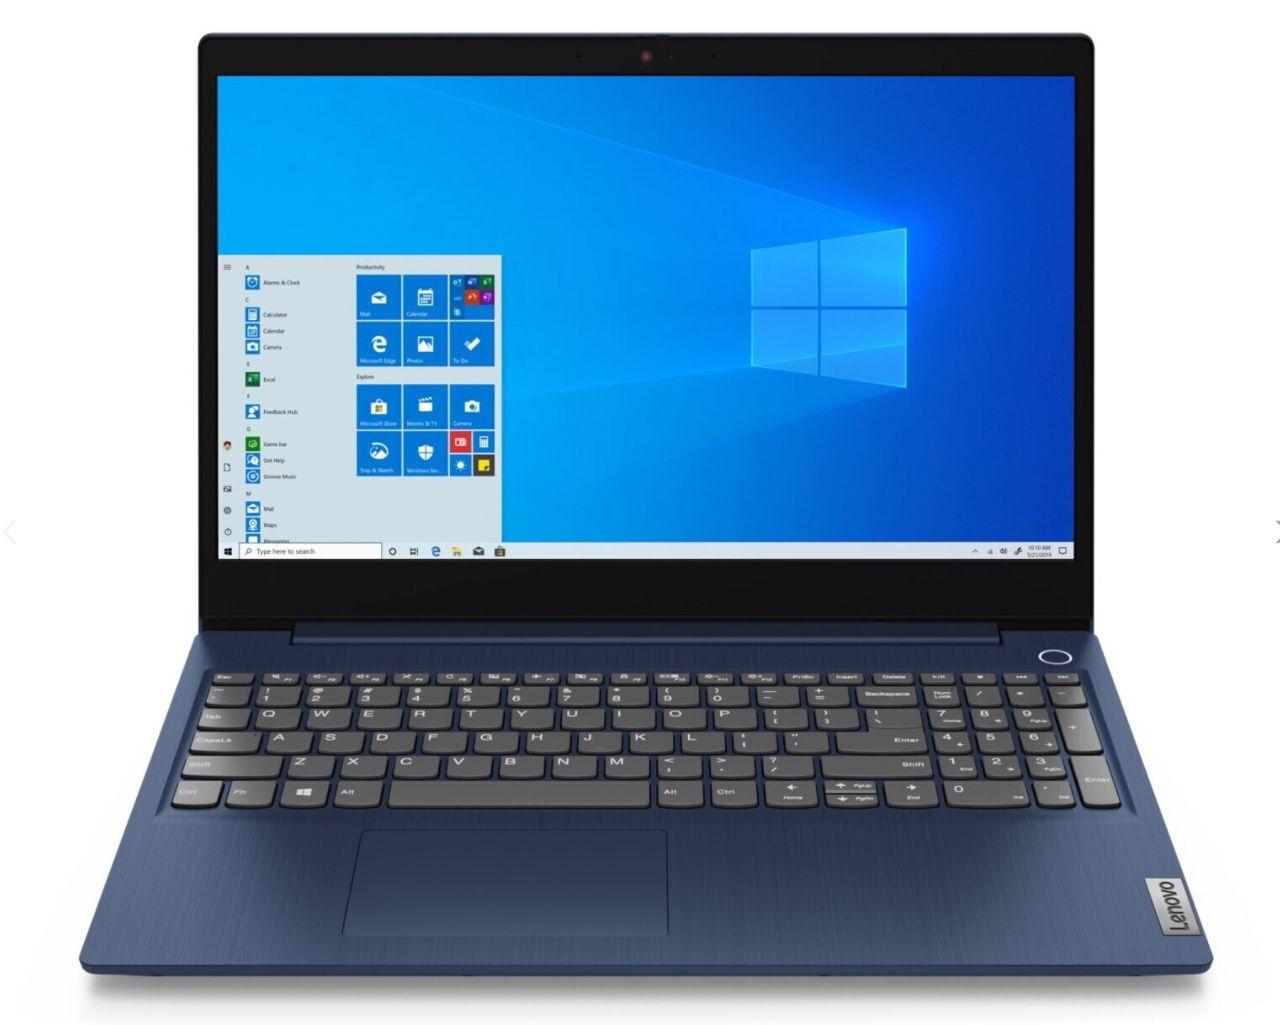 Lenovo IdeaPad 3 15IIL05 – 15,6 Zoll Full HD Notebook mit i3 + 256GB SSD + Win 10 für 449€ (statt 499€)